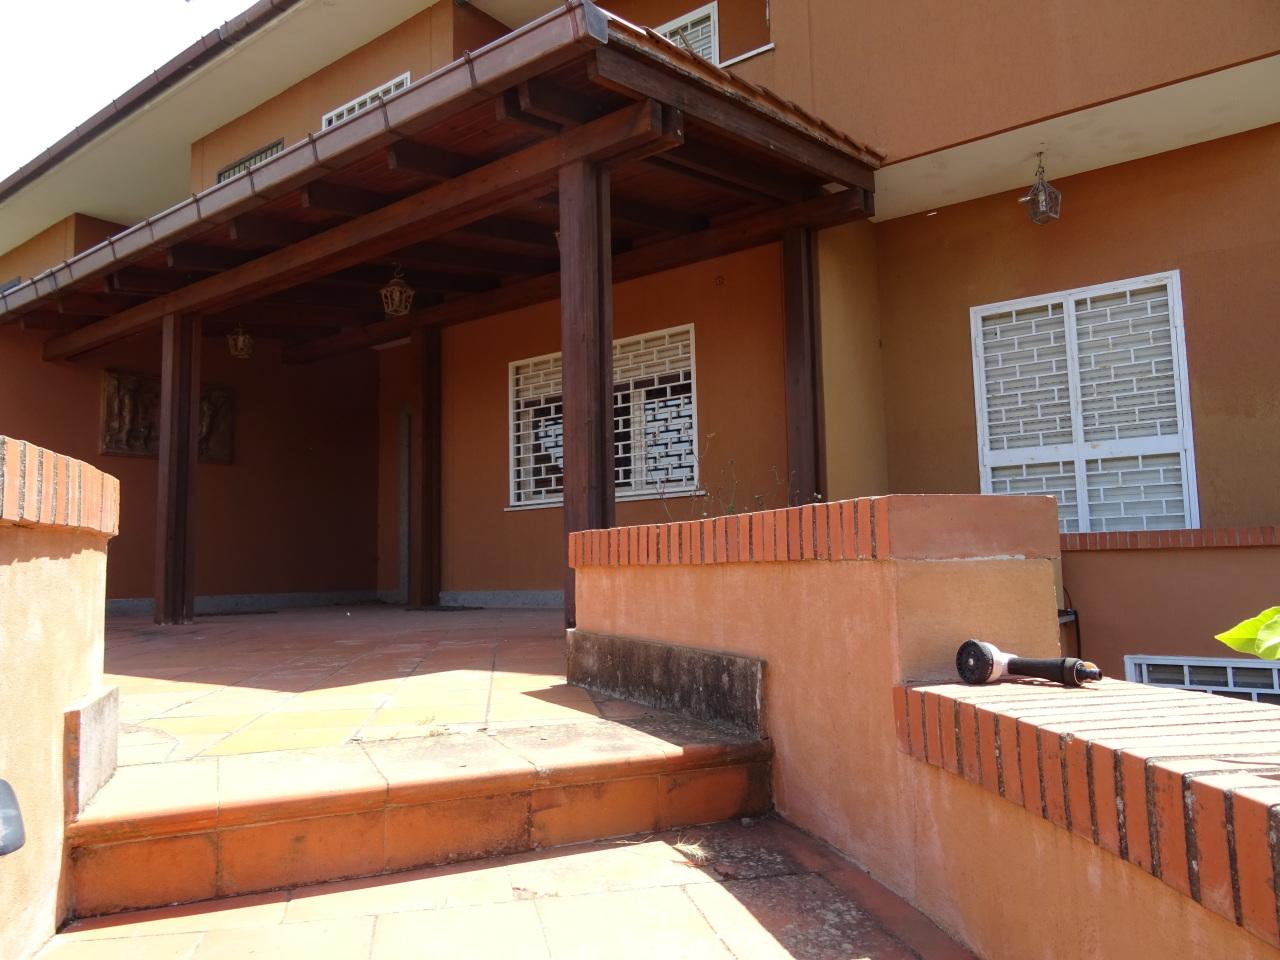 Soluzione Indipendente in vendita a Grottaferrata, 10 locali, prezzo € 690.000 | Cambio Casa.it